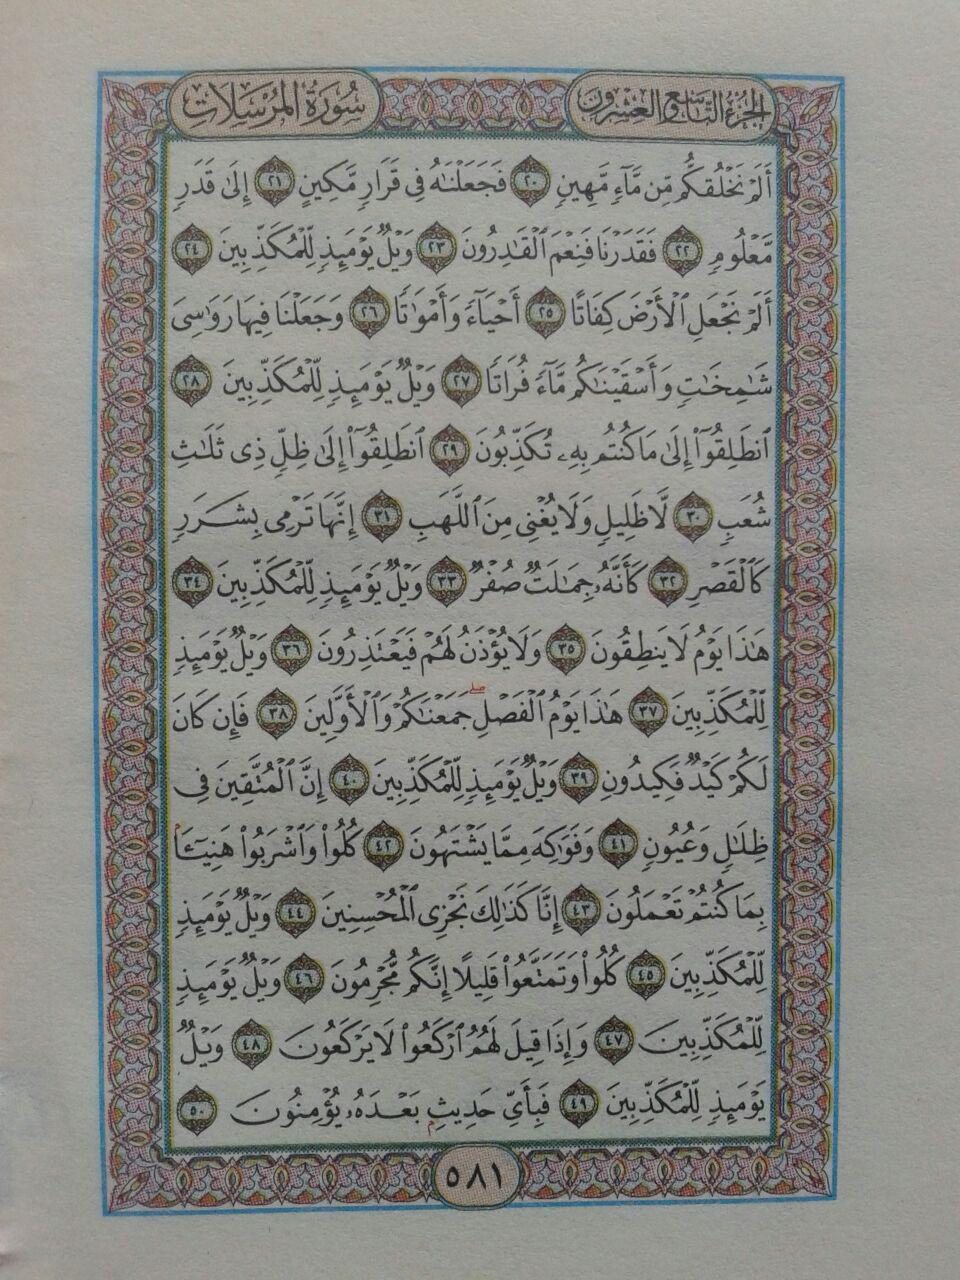 Al-Qur'an Impor Ukuran Saku Kecil Resleting isi 2